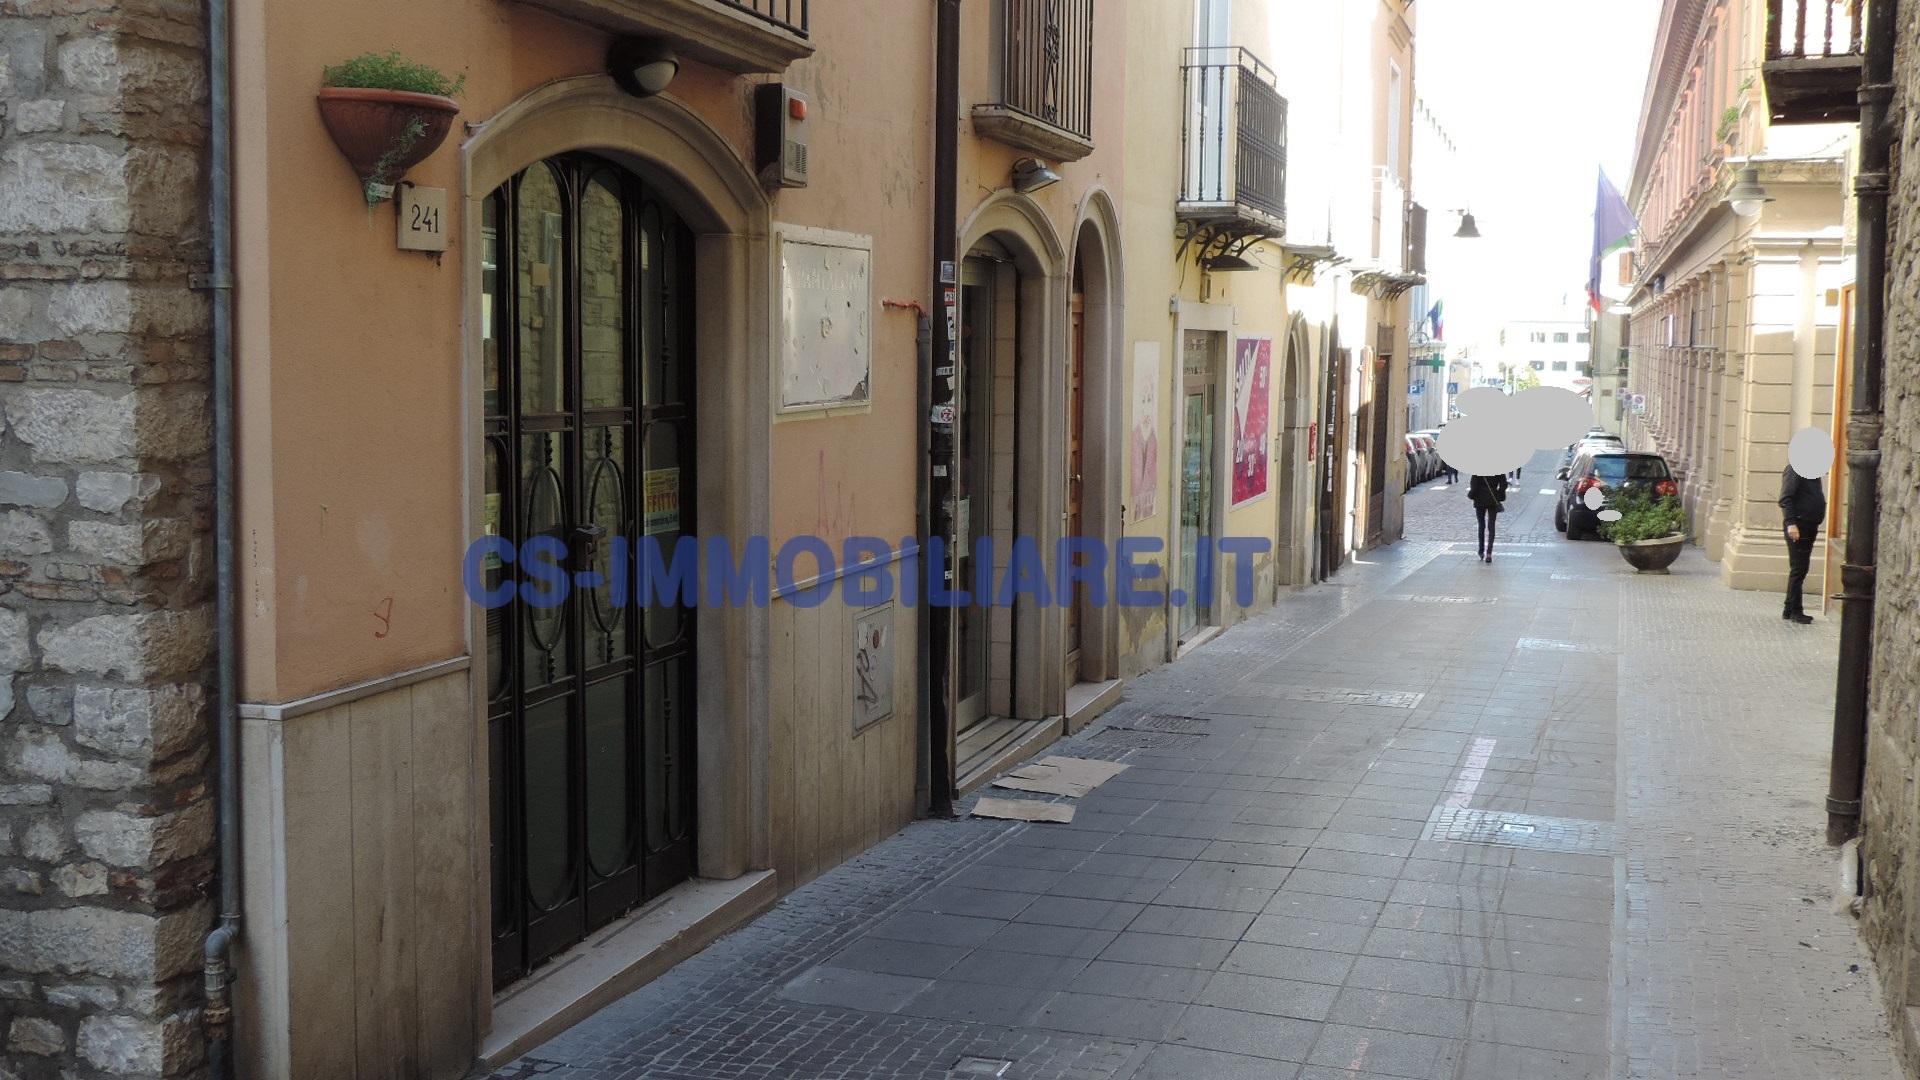 Negozio / Locale in affitto a Potenza, 9999 locali, zona Località: Centrostorico, prezzo € 1.200 | Cambio Casa.it